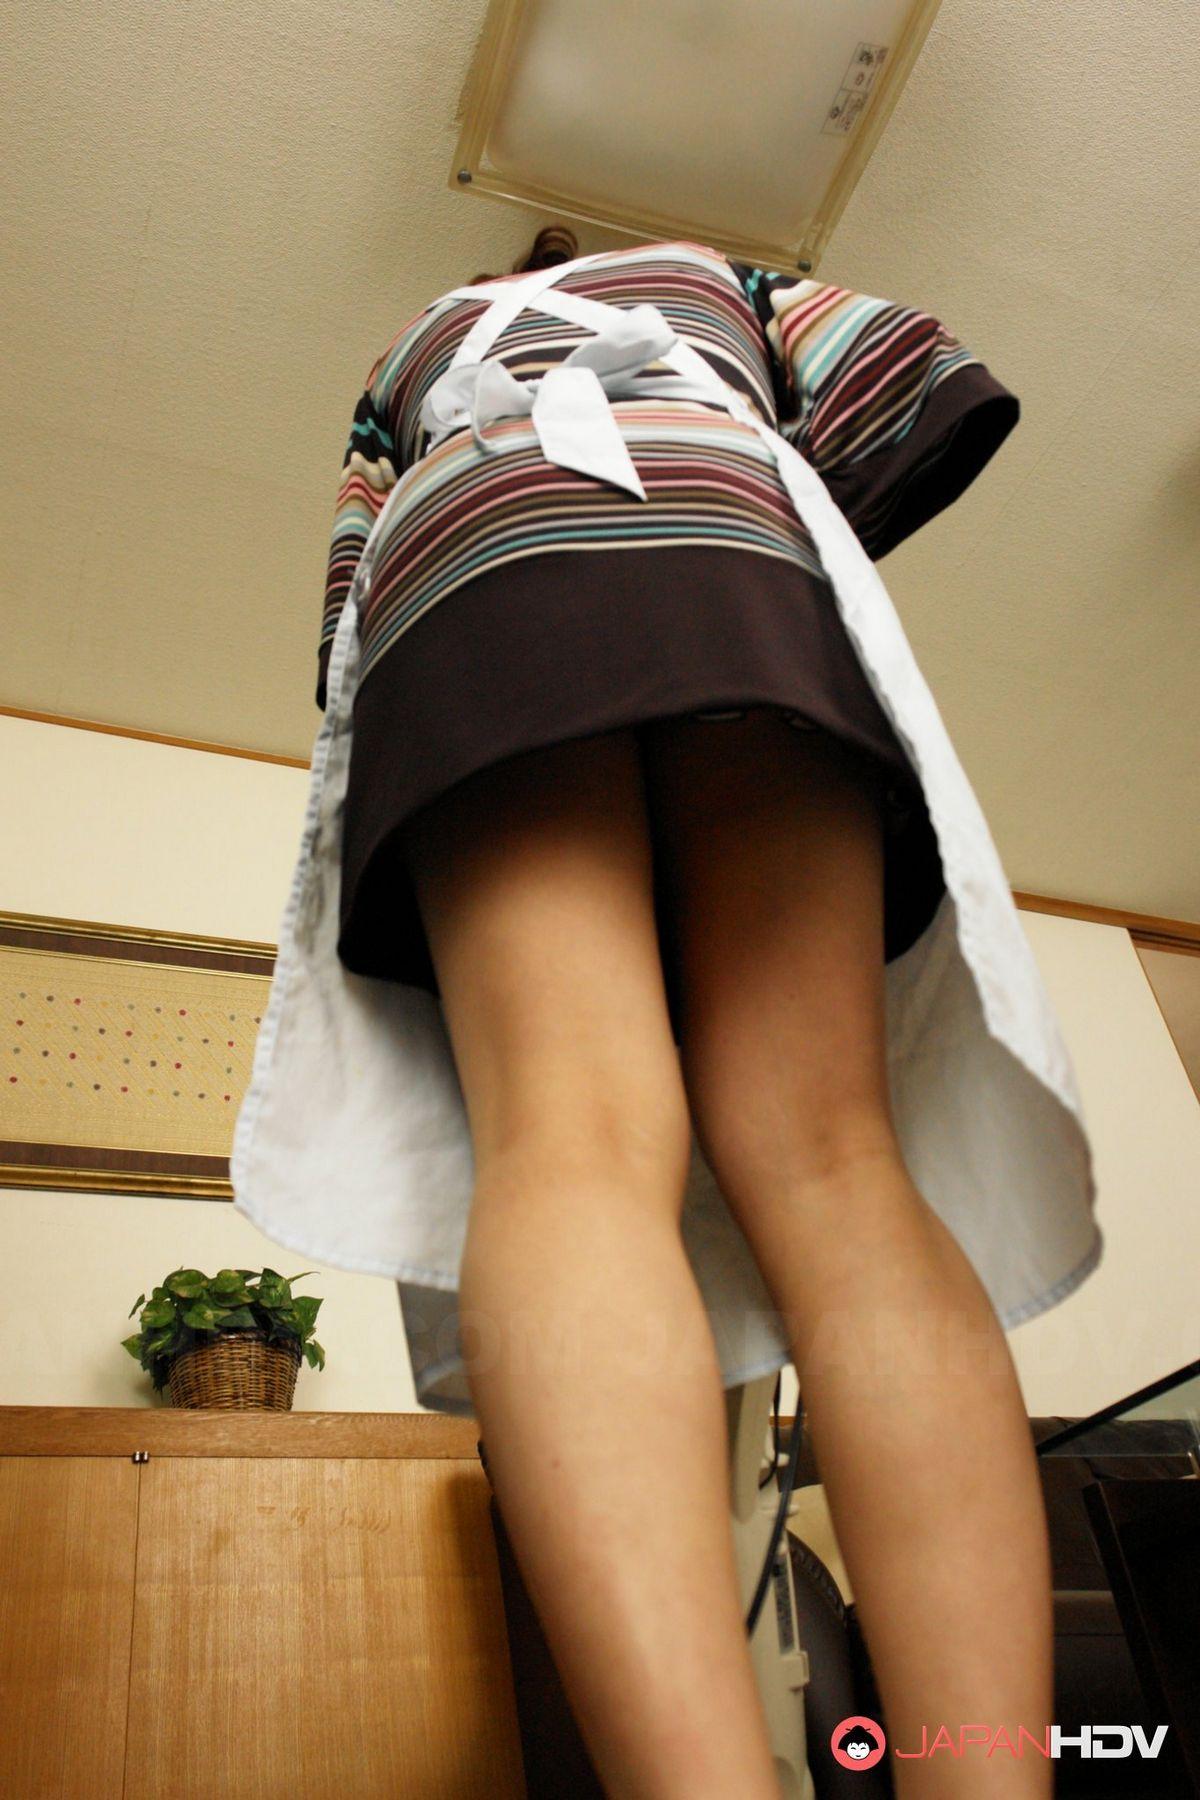 Узкоглазая домработница смотрела xxx иск, когда вернулся хозяин и застал ее за онанизмом, он захотел кончить ей в рот